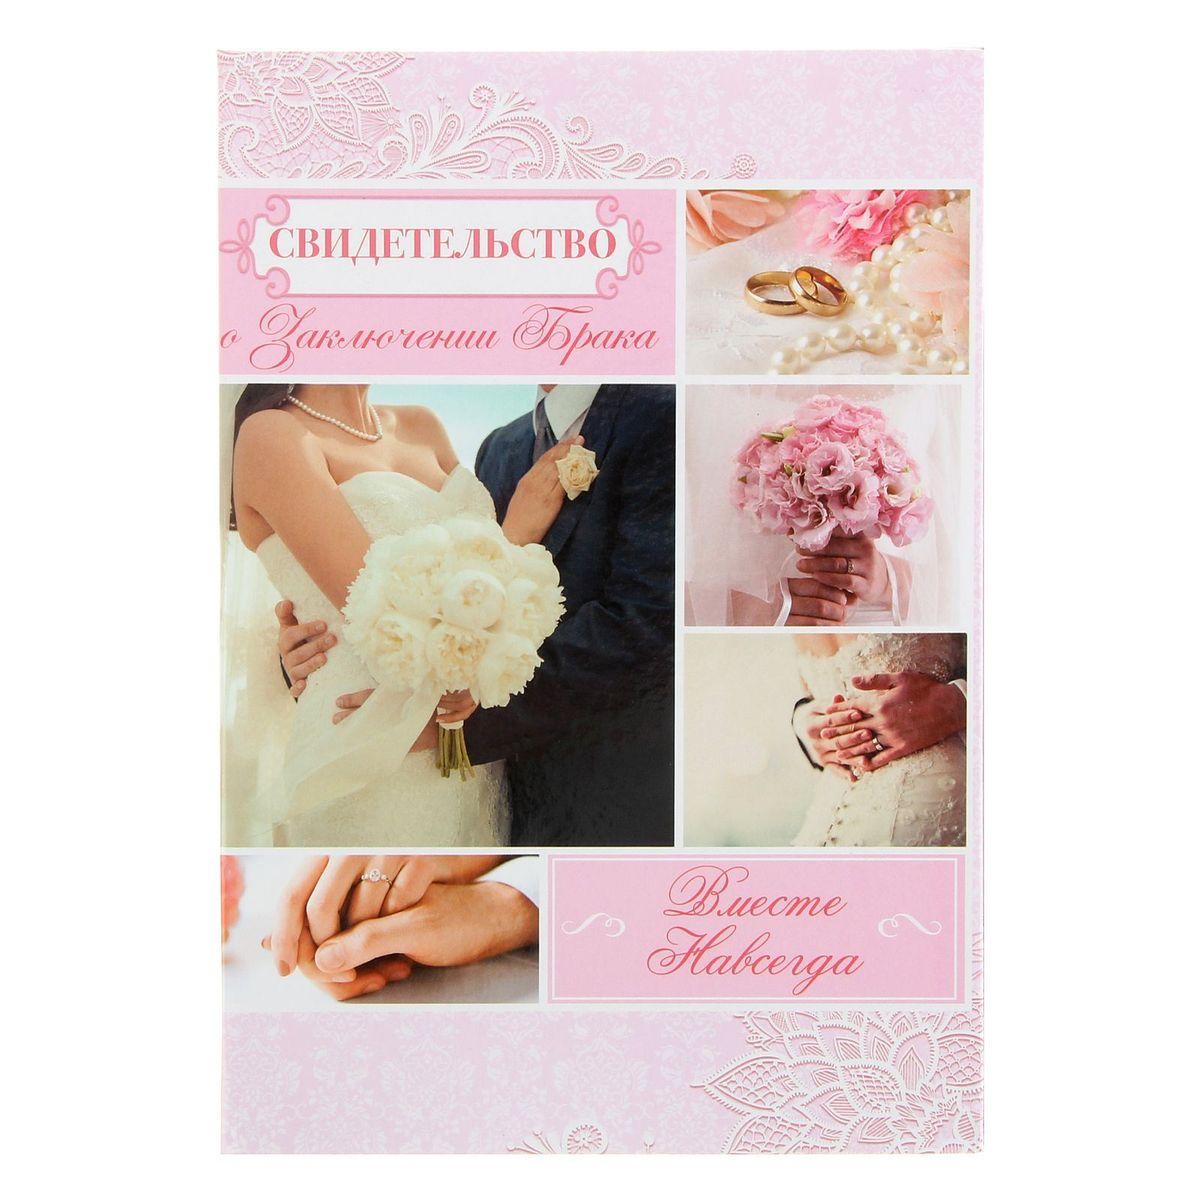 Папка для свидетельства о заключении брака Sima-land Коллаж букет, 0,3 x 20,5 x 14,2 см1270029Папка для свидетельства о заключении брака — наилучшее обрамление первого совместного документа молодой семьи. Она подчеркнёт торжественность бракосочетания и будет напоминать вам о светлом дне свадьбы! Папка формата А5 из ламинированного картона имеет удобный файл внутри (27 х 20 см), который бережно сохранит столь важный документ в первозданном виде. Интересный дизайн обложки душевные пожелания создадут отличное настроение новобрачным. Выберите этот аксессуар себе или подарите друзьям. Папка станет хорошим презентом на свадьбу или её годовщину.